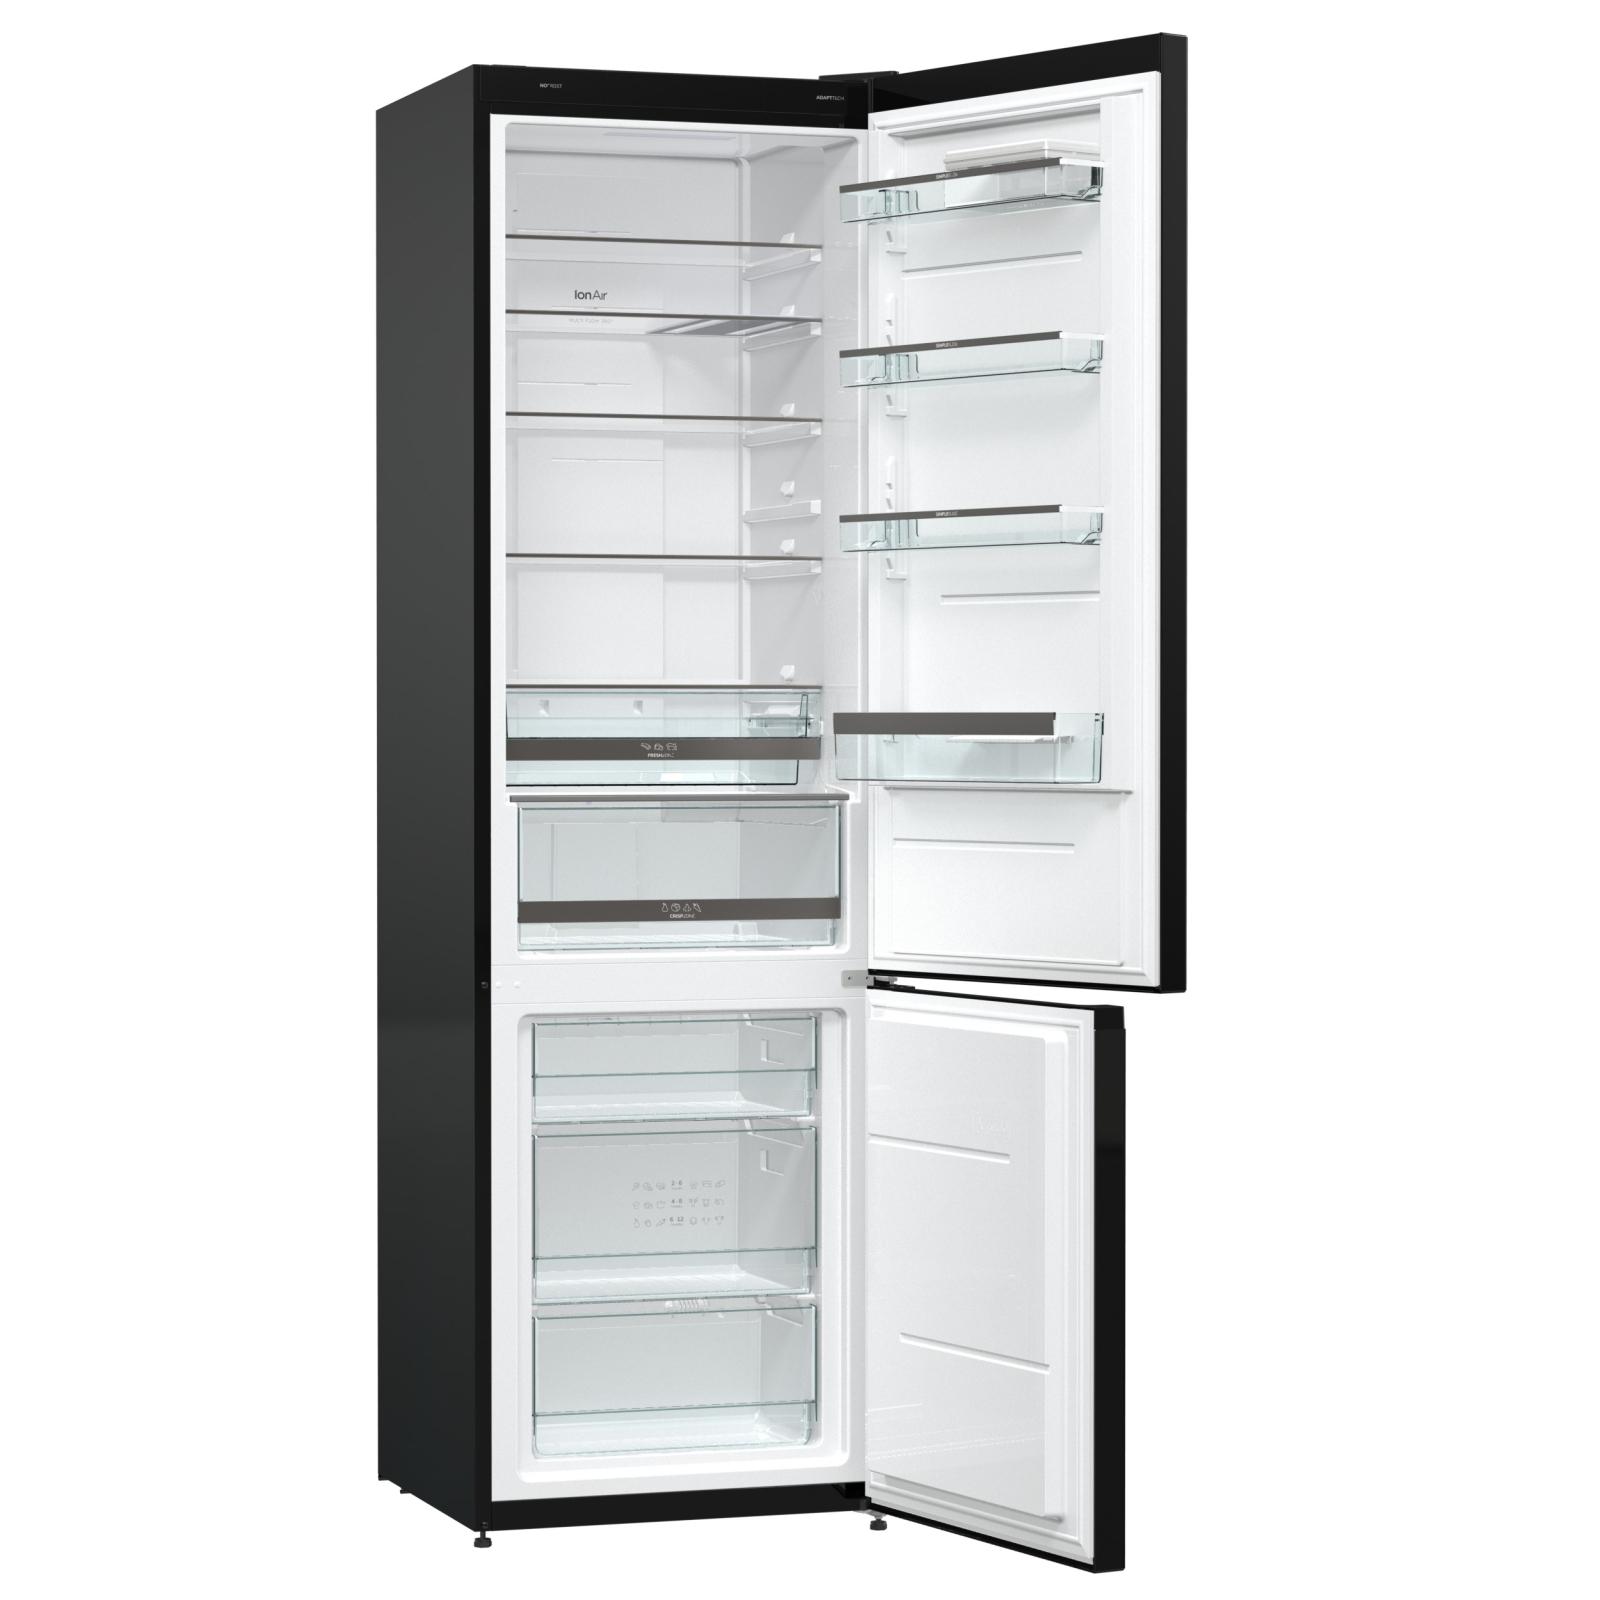 Холодильник Gorenje NRK621SYB4 изображение 6